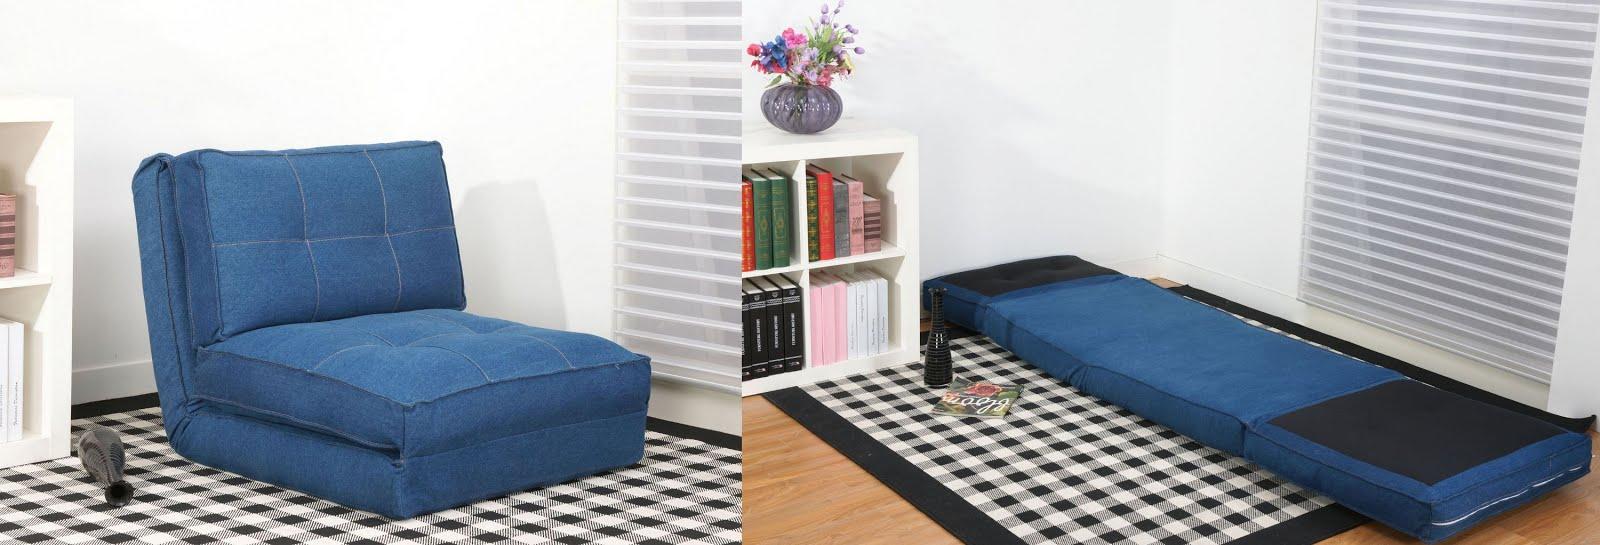 Cheap Futon Chair Bed Roselawnlutheran - Cheap sofa and chair